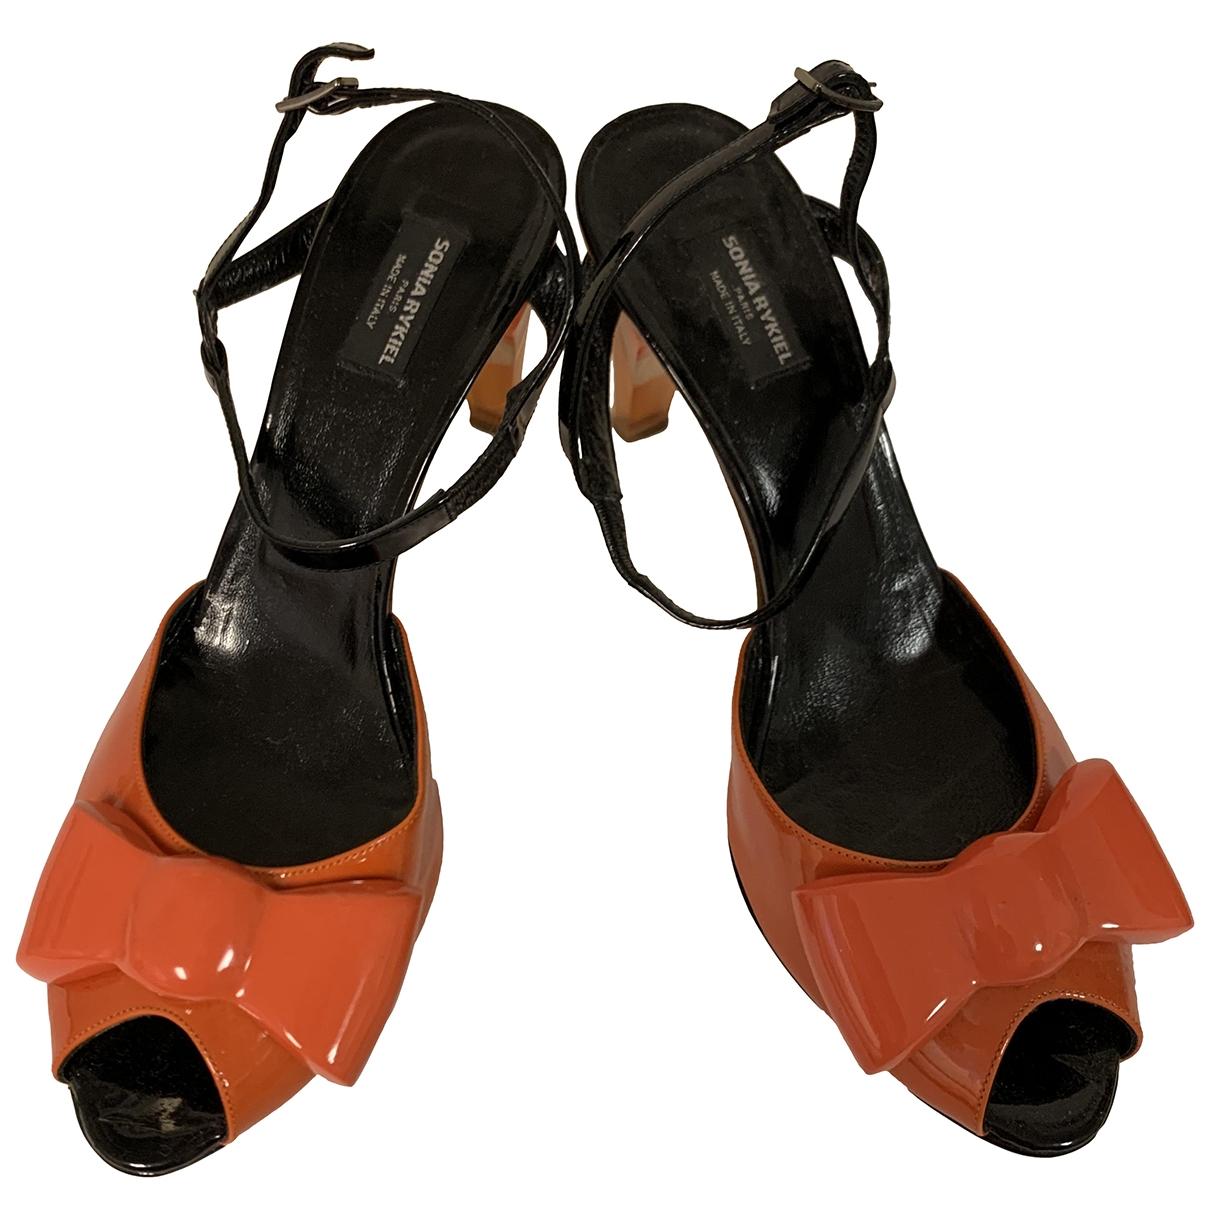 Sonia By Sonia Rykiel - Sandales   pour femme en cuir verni - orange